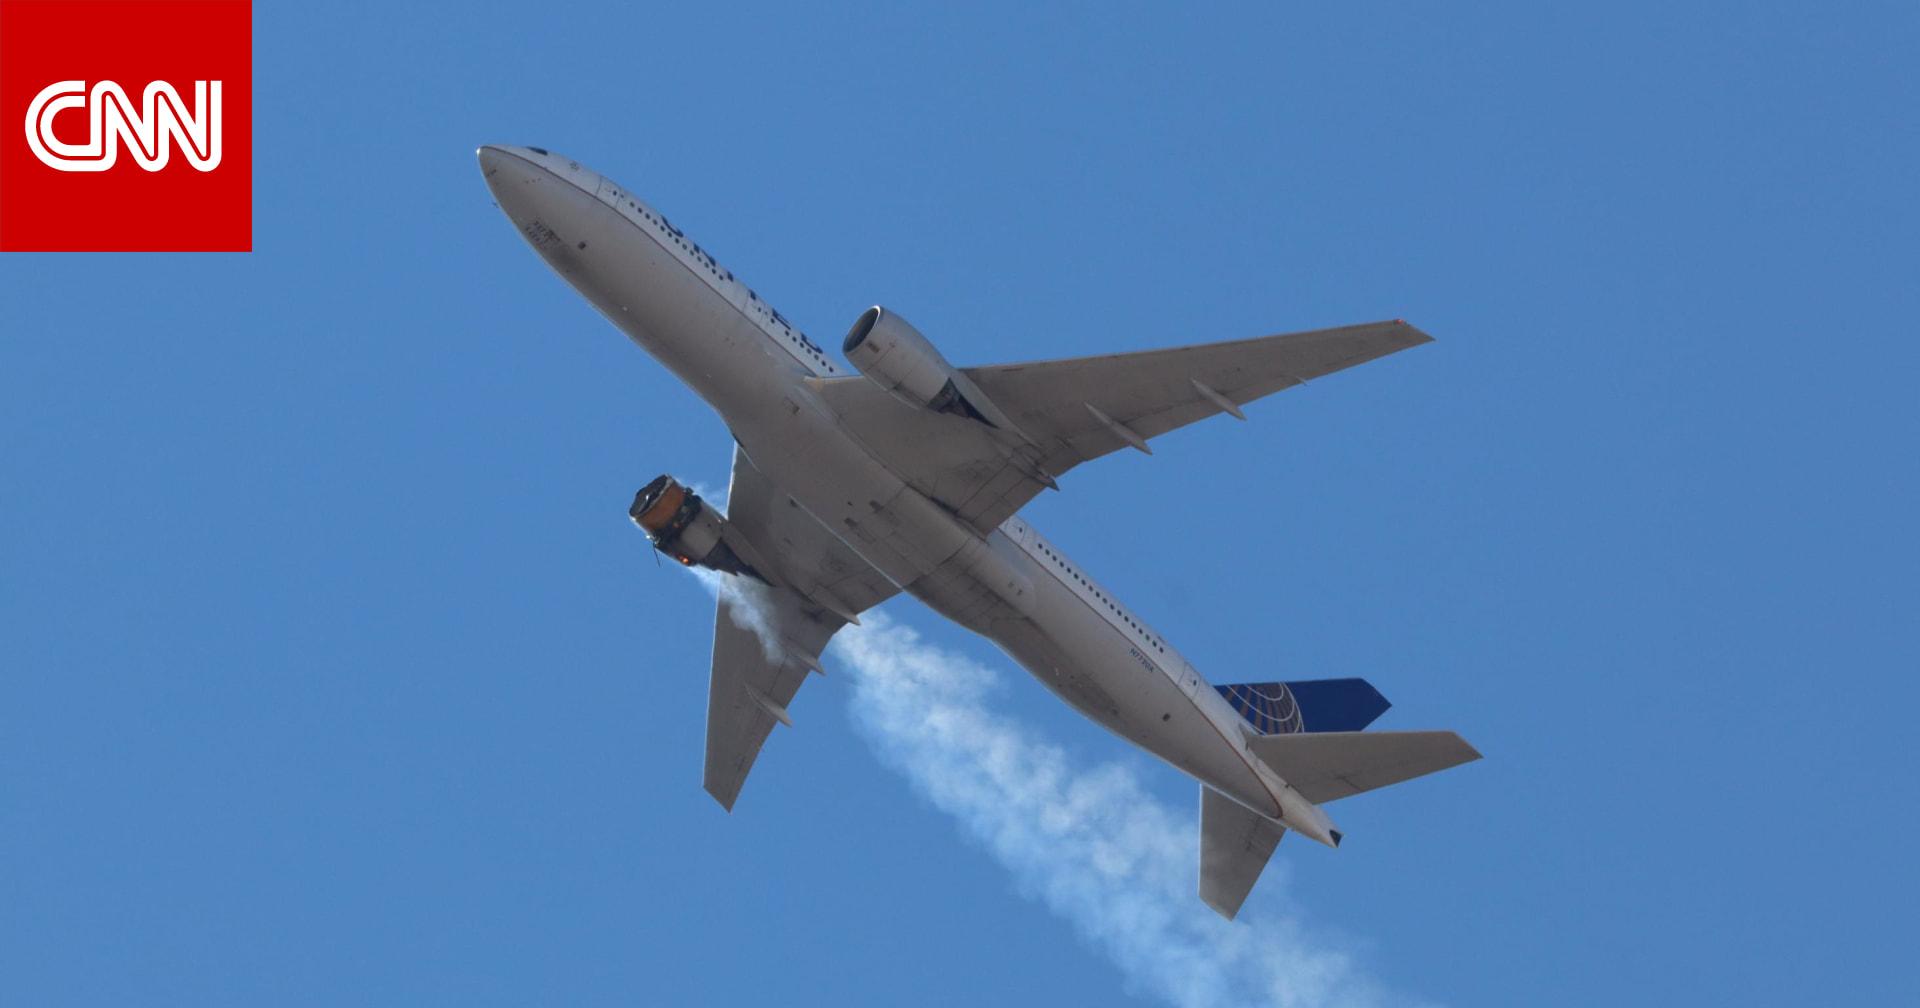 """بعد عطل في أحد محركاتها.. """"بوينغ"""" توصي تعليق طائرات 777 حول العالم"""